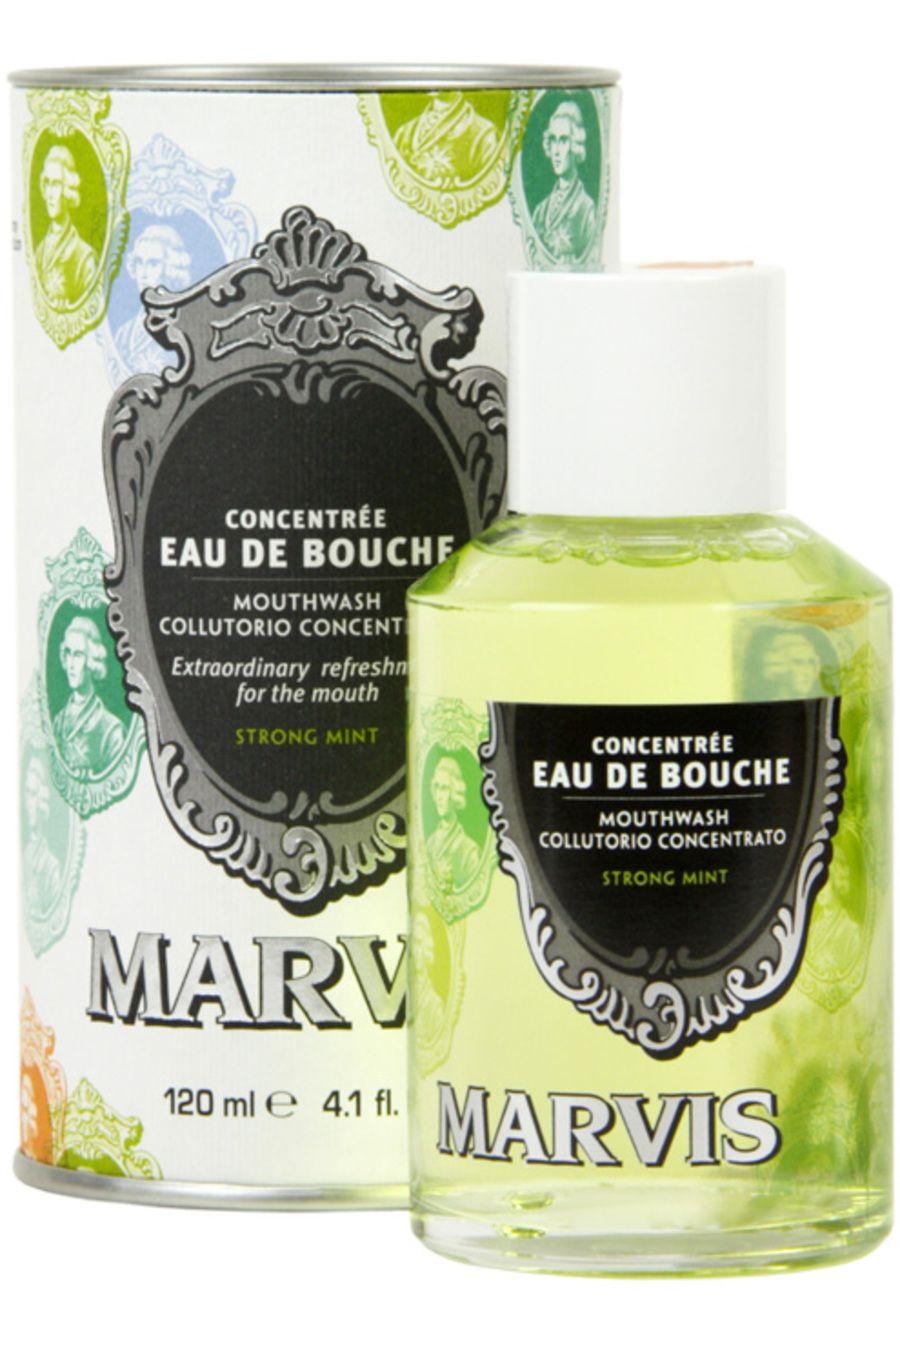 Blissim : Marvis - Eau de Bouche Menthe Forte - Eau de Bouche Menthe Forte